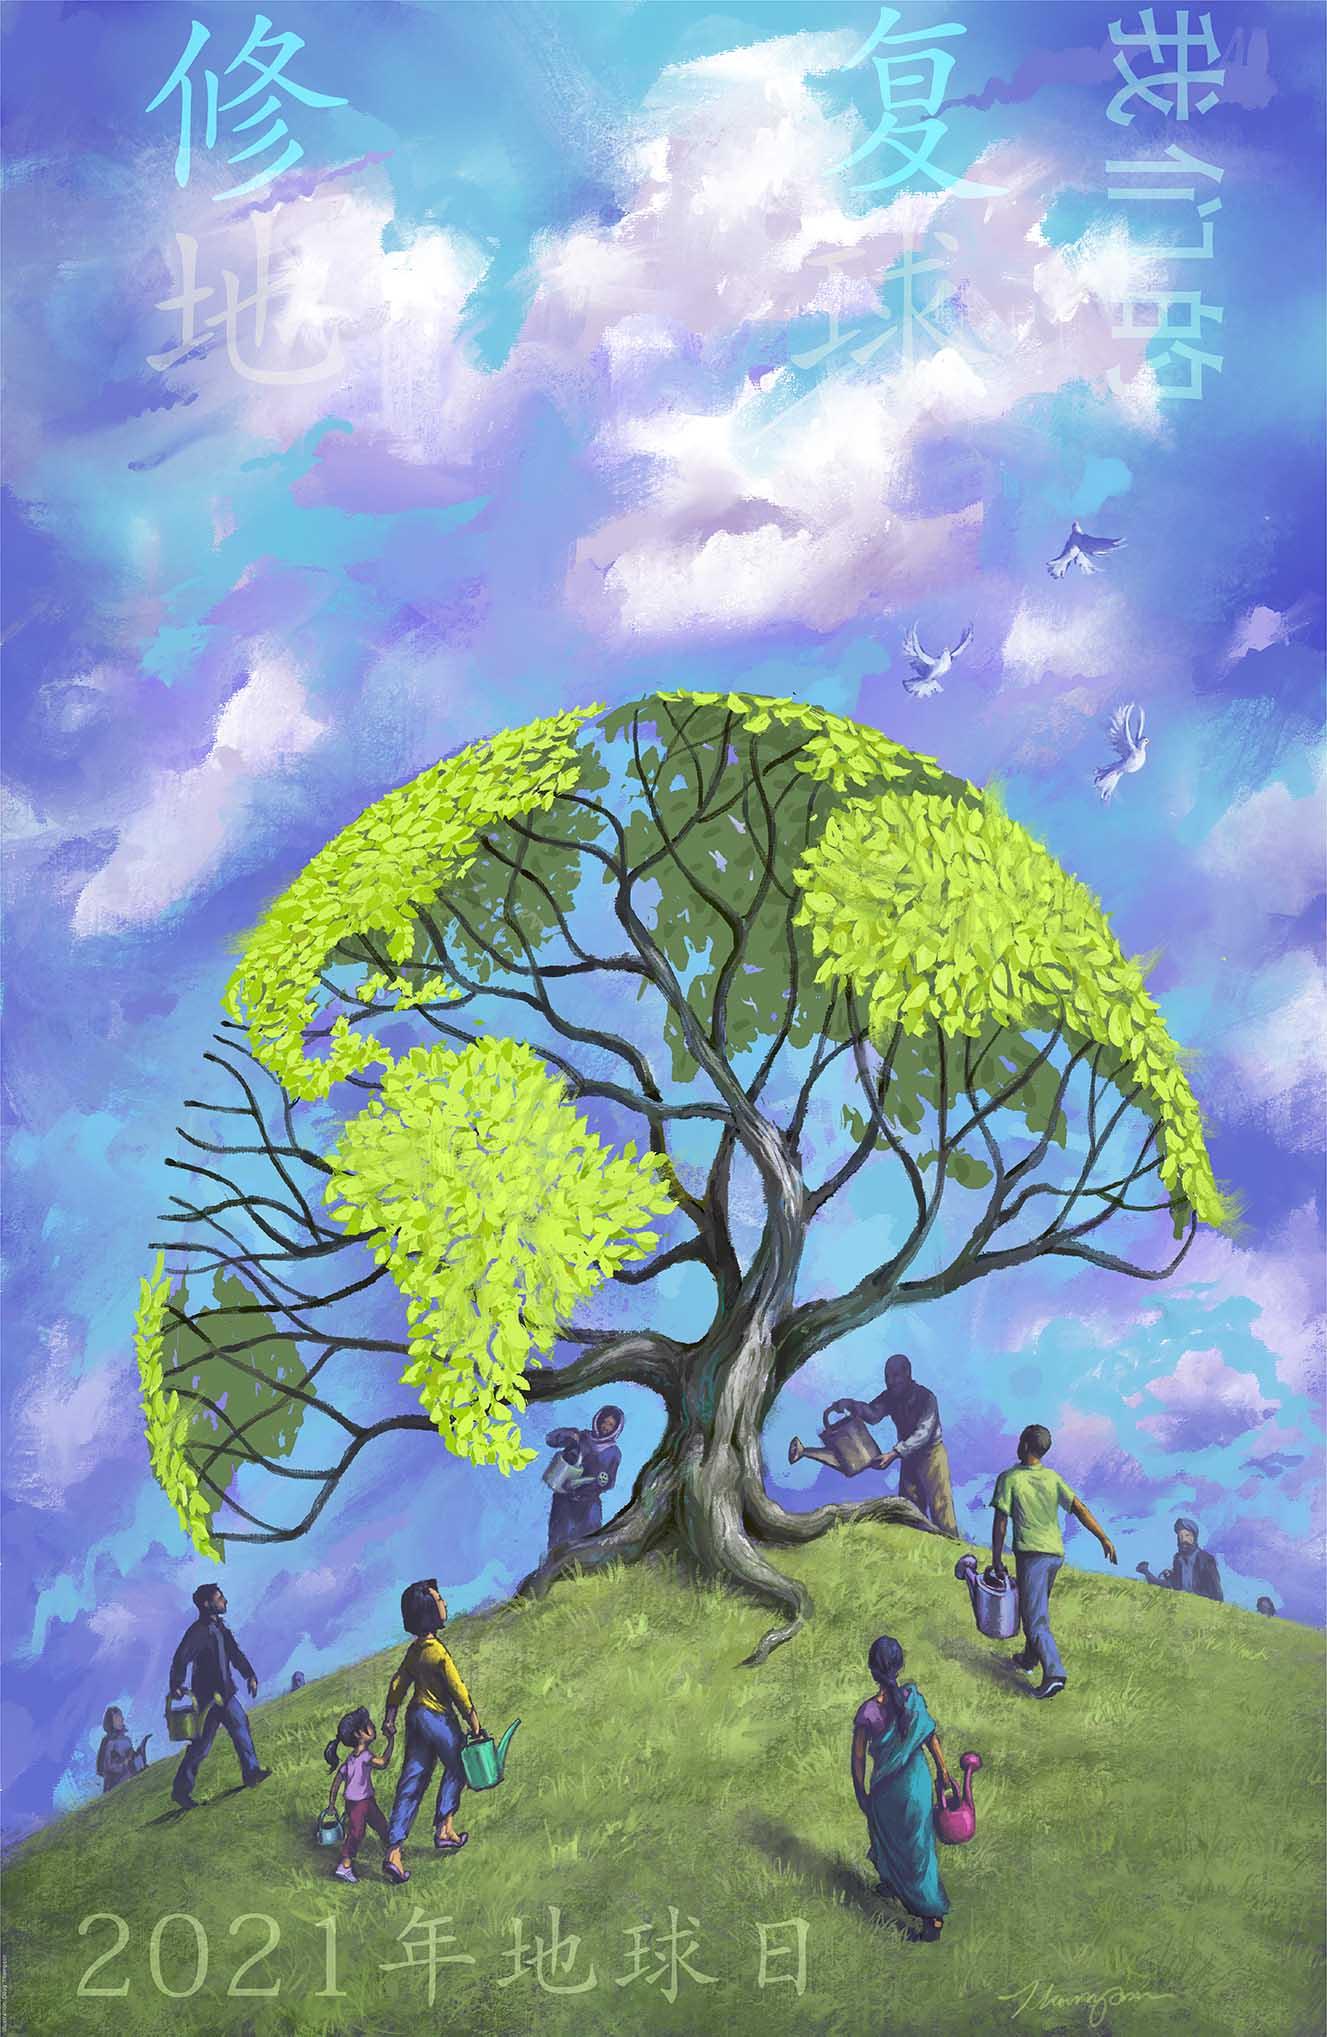 描绘人们浇灌一棵地球形状的大树的海报 (美国国务院/D. Thompson)